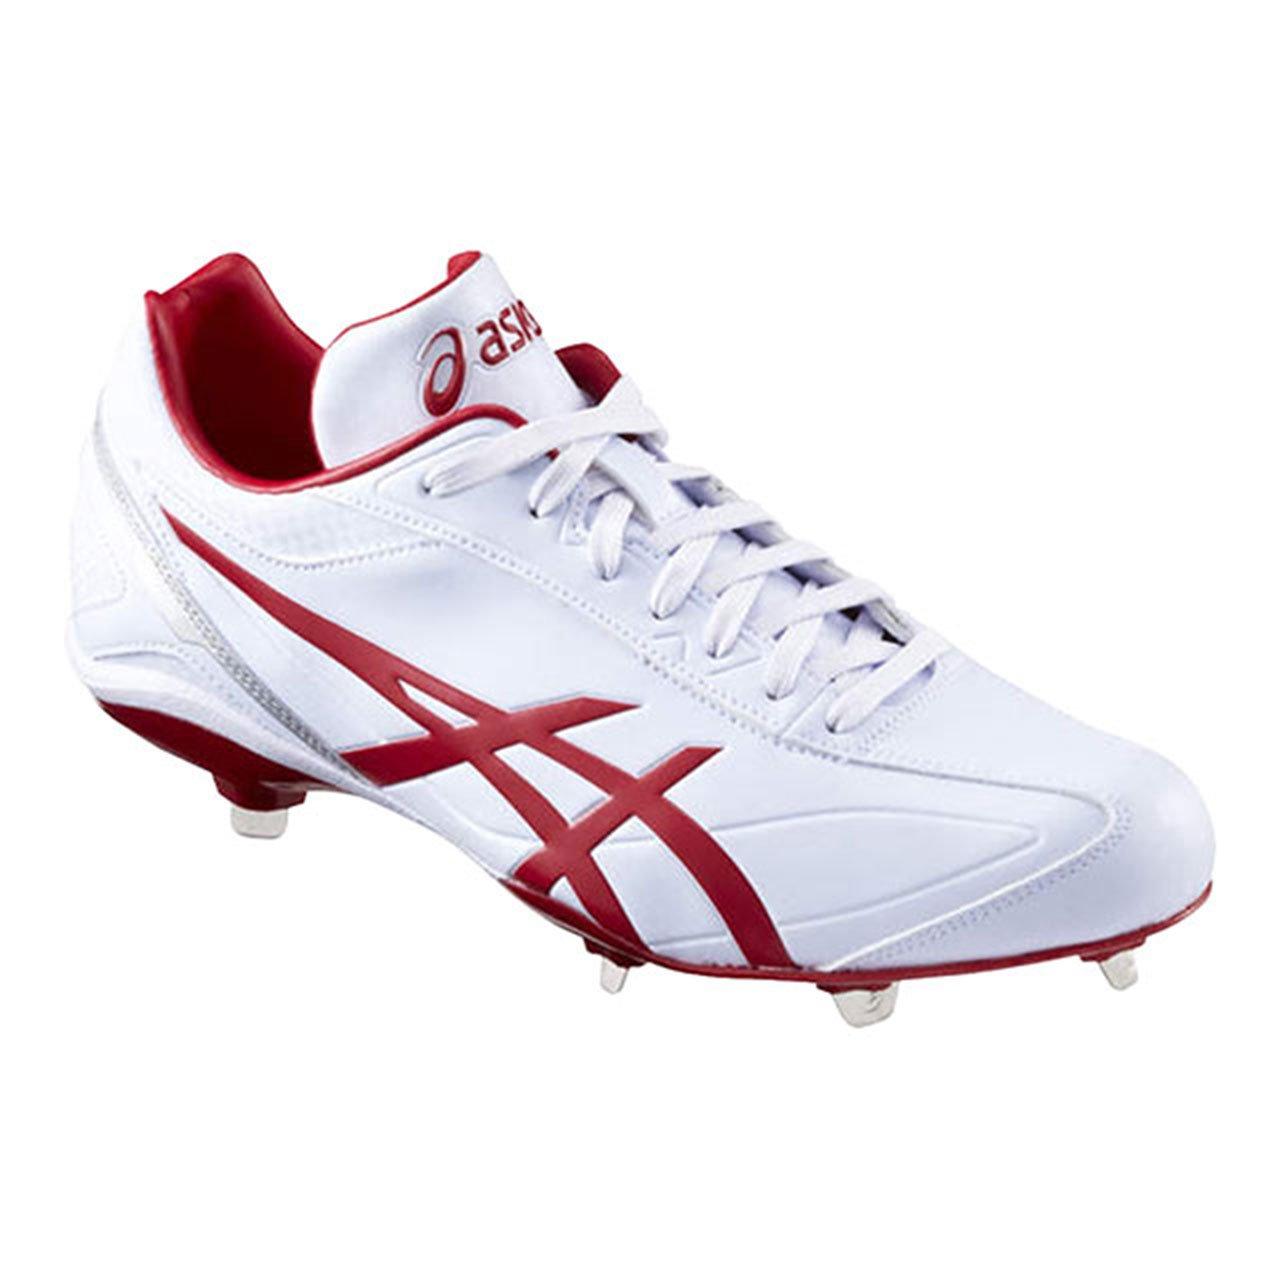 [アシックス] 野球スパイク I DRIVE(現行モデル) B01N6ZHRM8 23.0 cm 0123:ホワイト/レツド 0123:ホワイト/レツド 23.0 cm